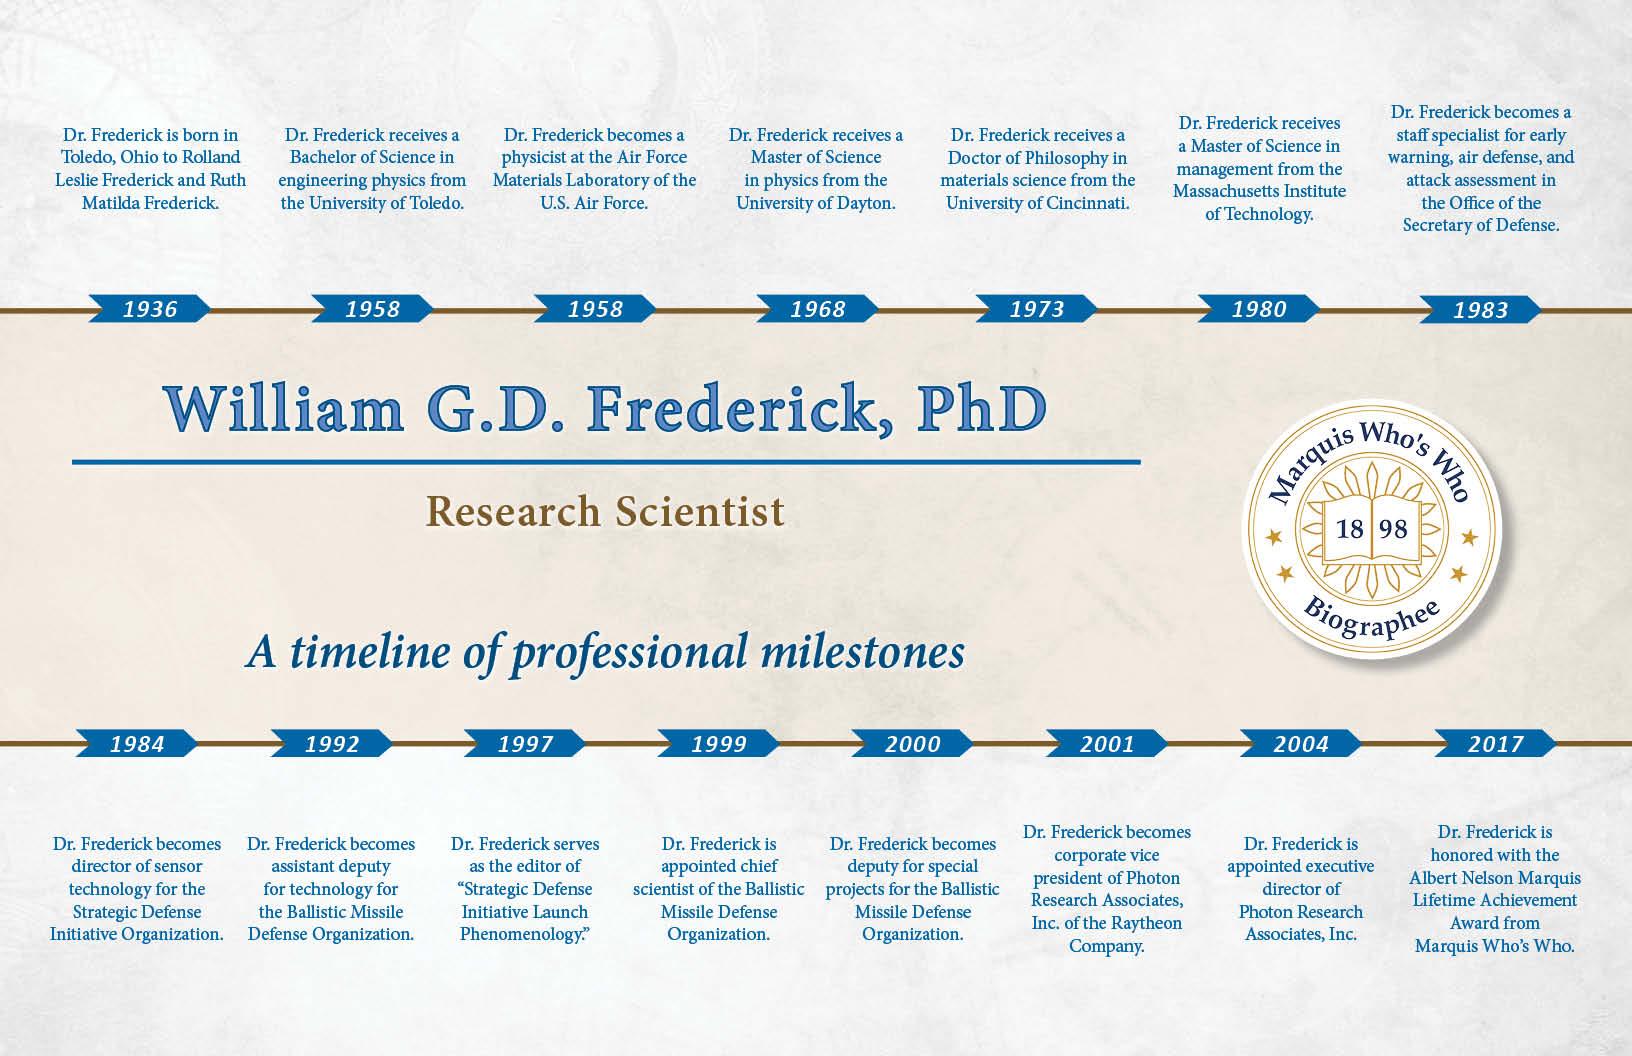 William Frederick Professional Milestones